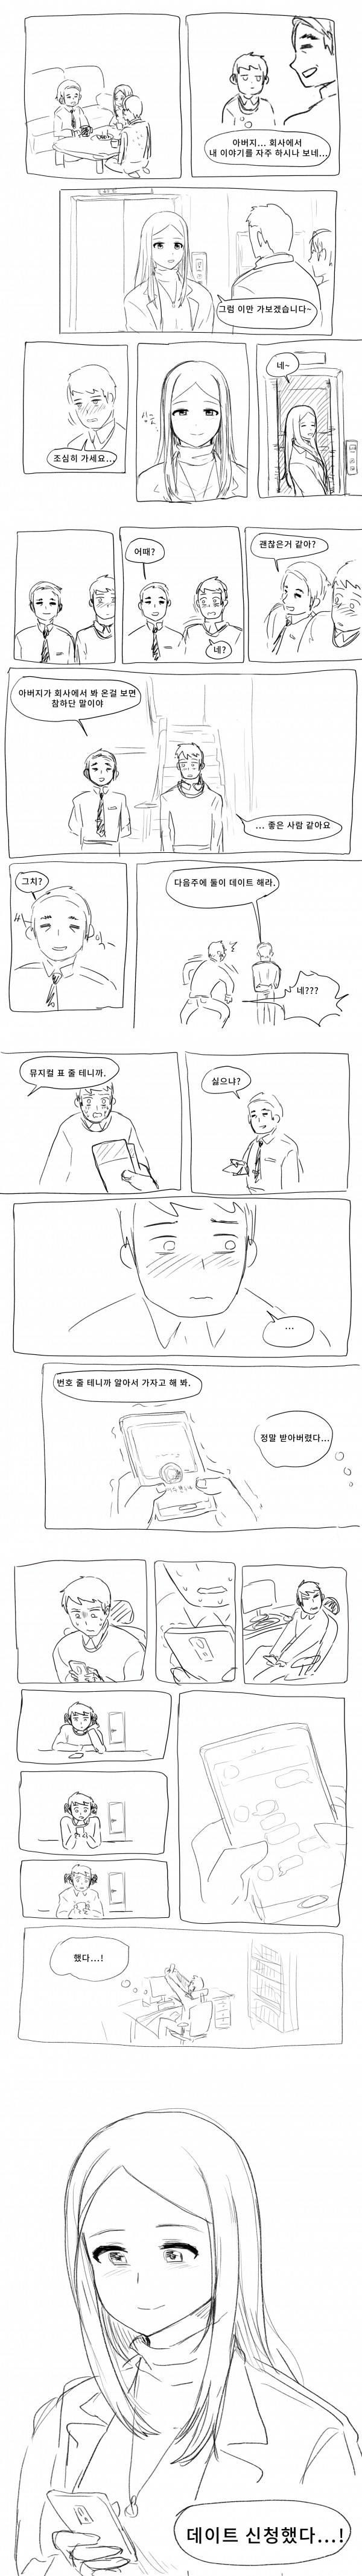 아빠 회사 여직원 소개받는 만화 .manhwa | 인스티즈